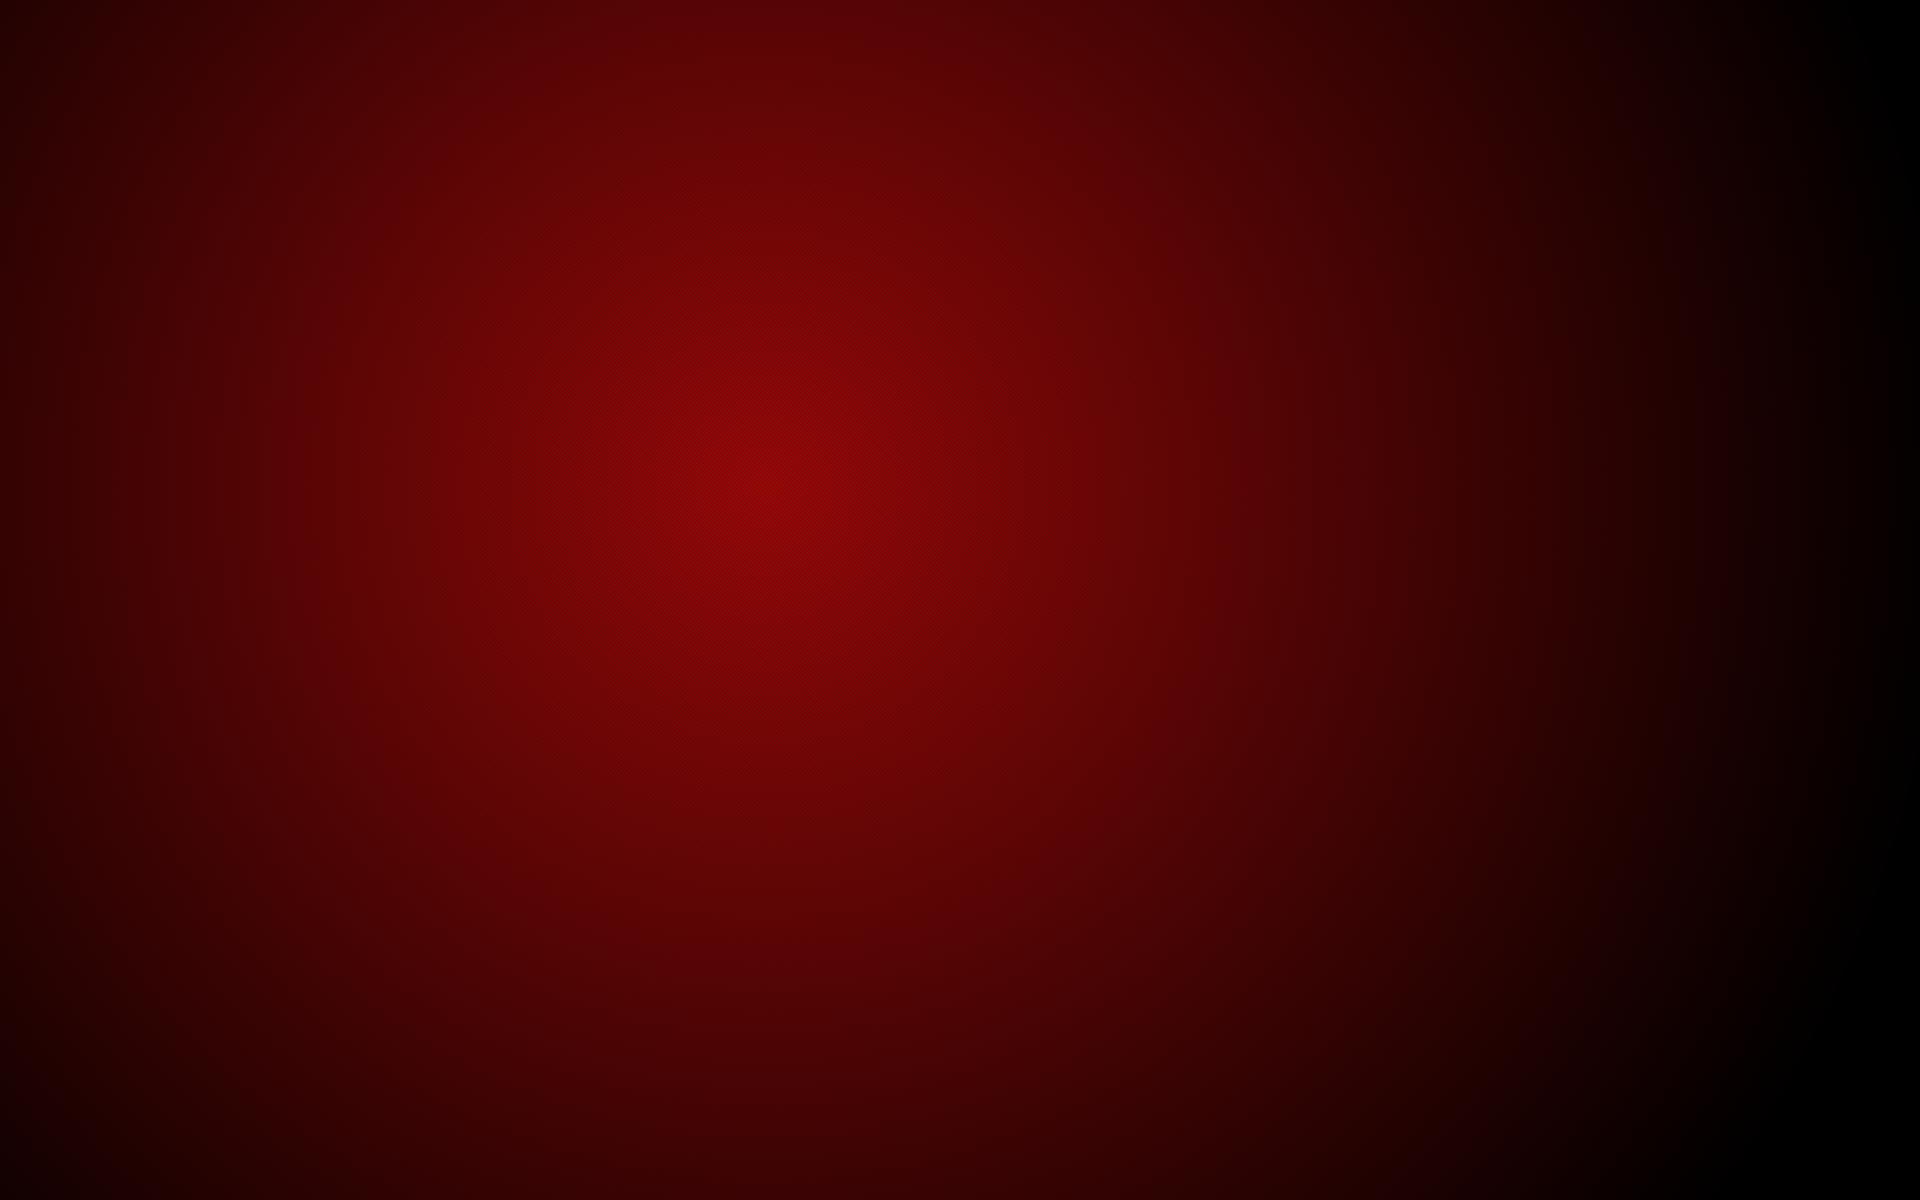 Rosso Hd Wallpaper Sfondi 1920x1200 Id458171 Wallpaper Abyss